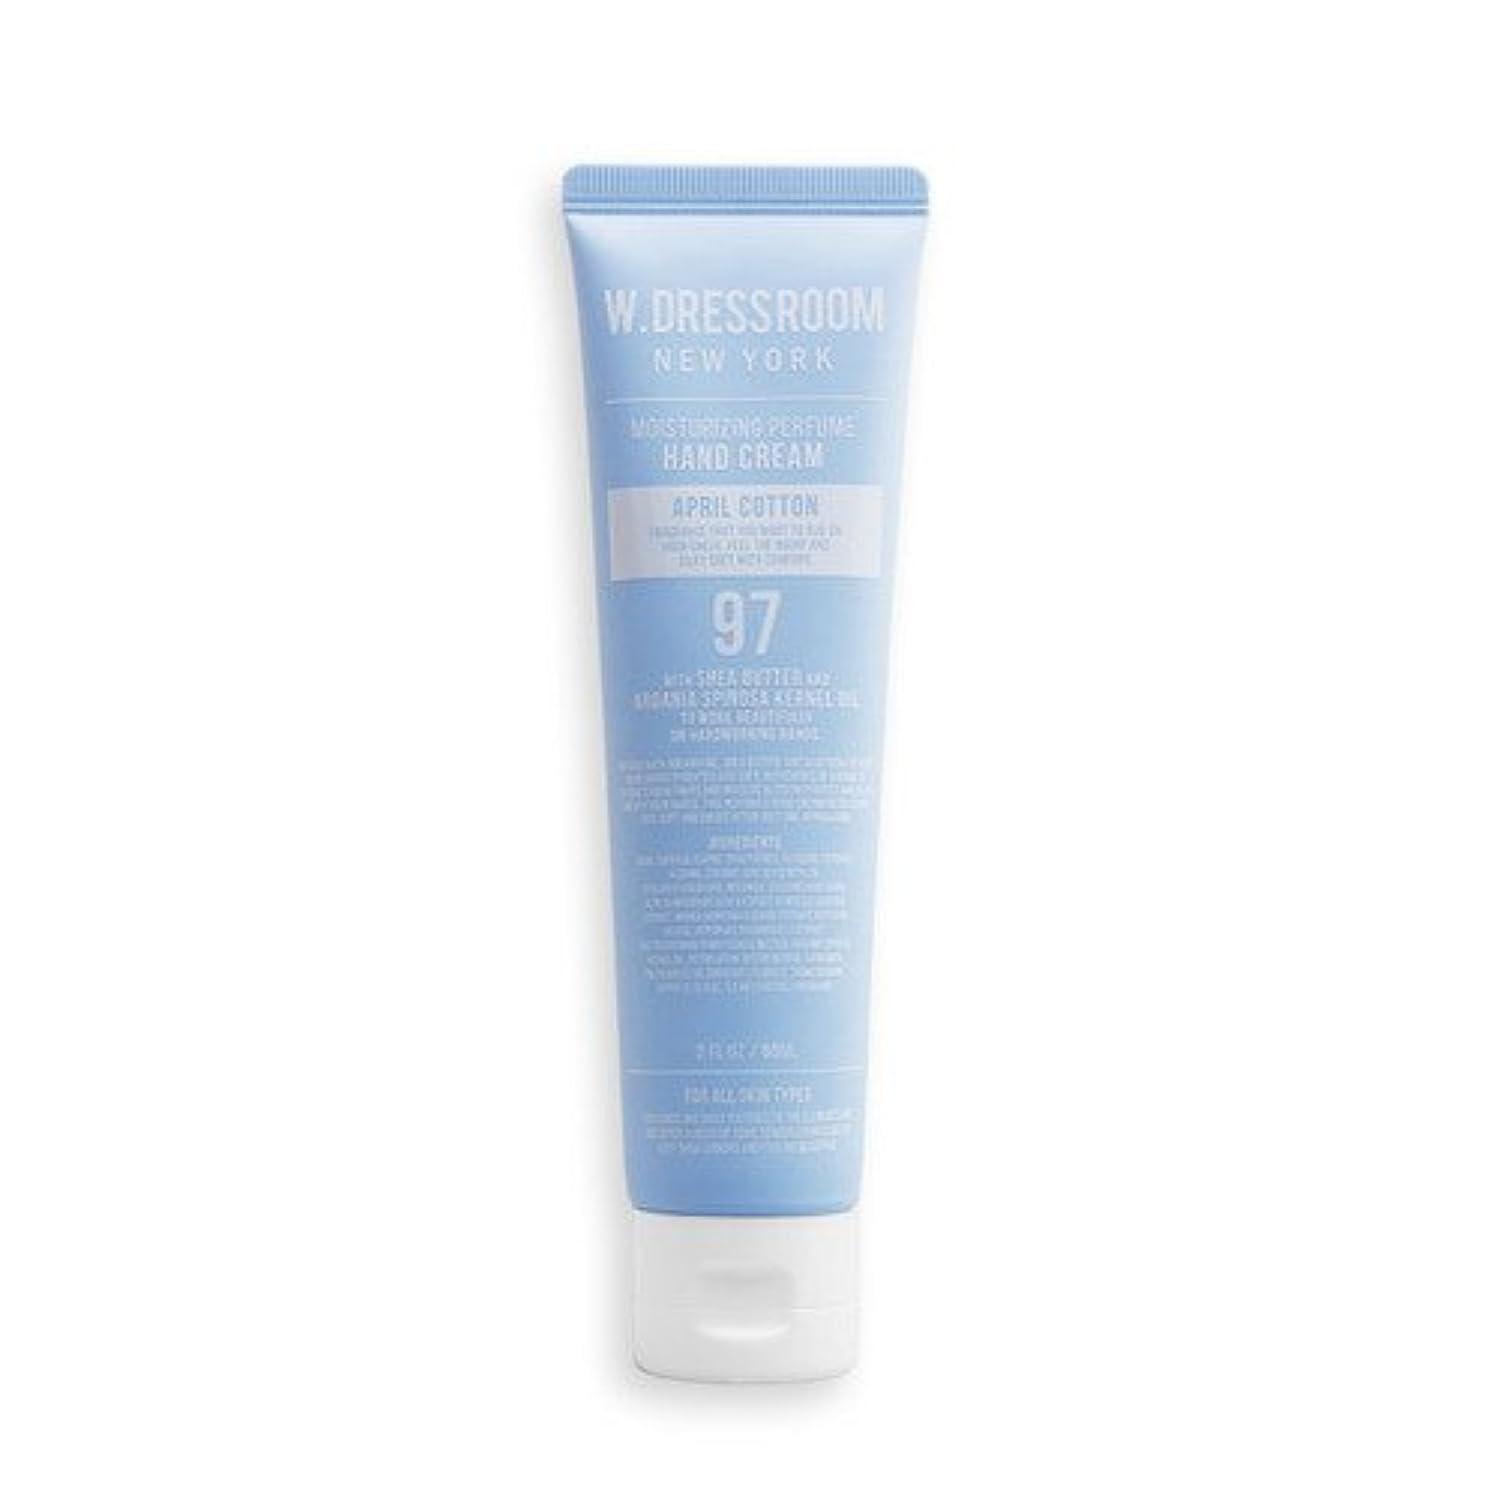 ホスト避けるに沿ってW.DRESSROOM Moisturizing Perfume Hand Cream 60ml/ダブルドレスルーム モイスチャライジング パフューム ハンドクリーム 60ml (#No.97 April Cotton)...